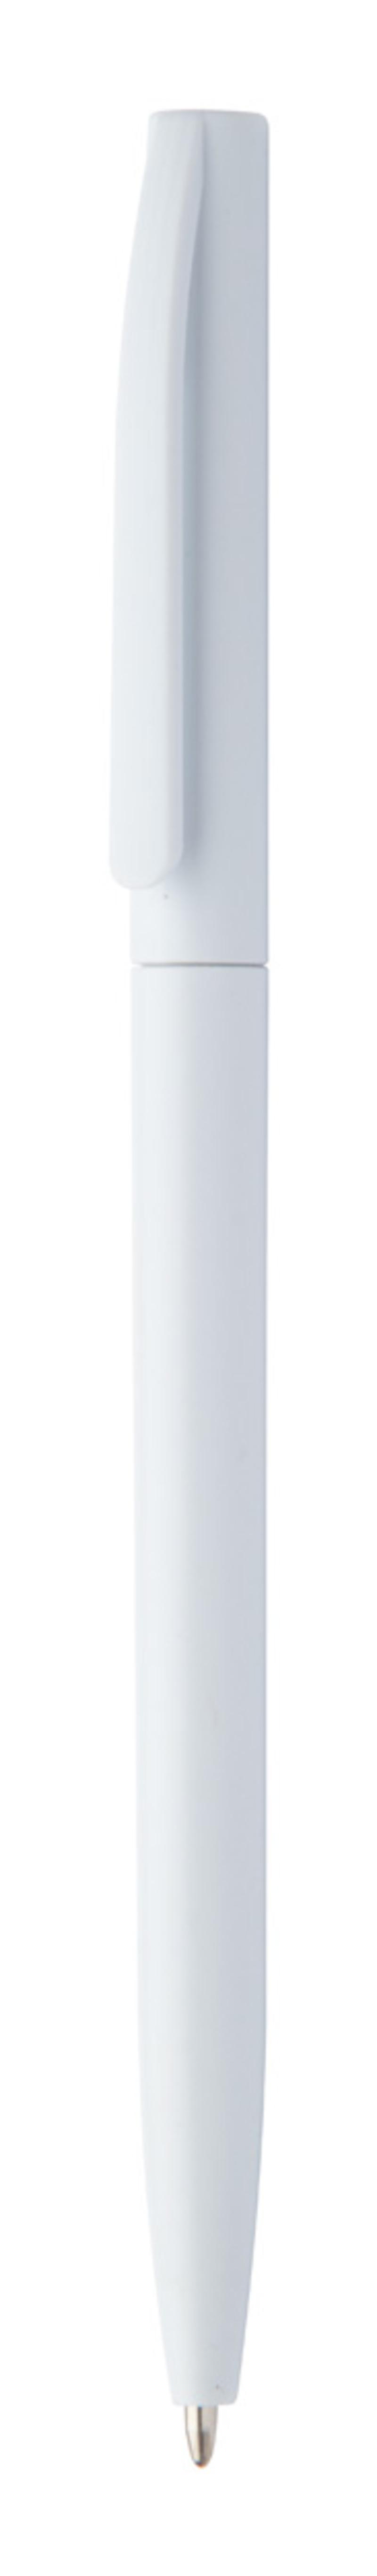 Swifty ballpoint pen